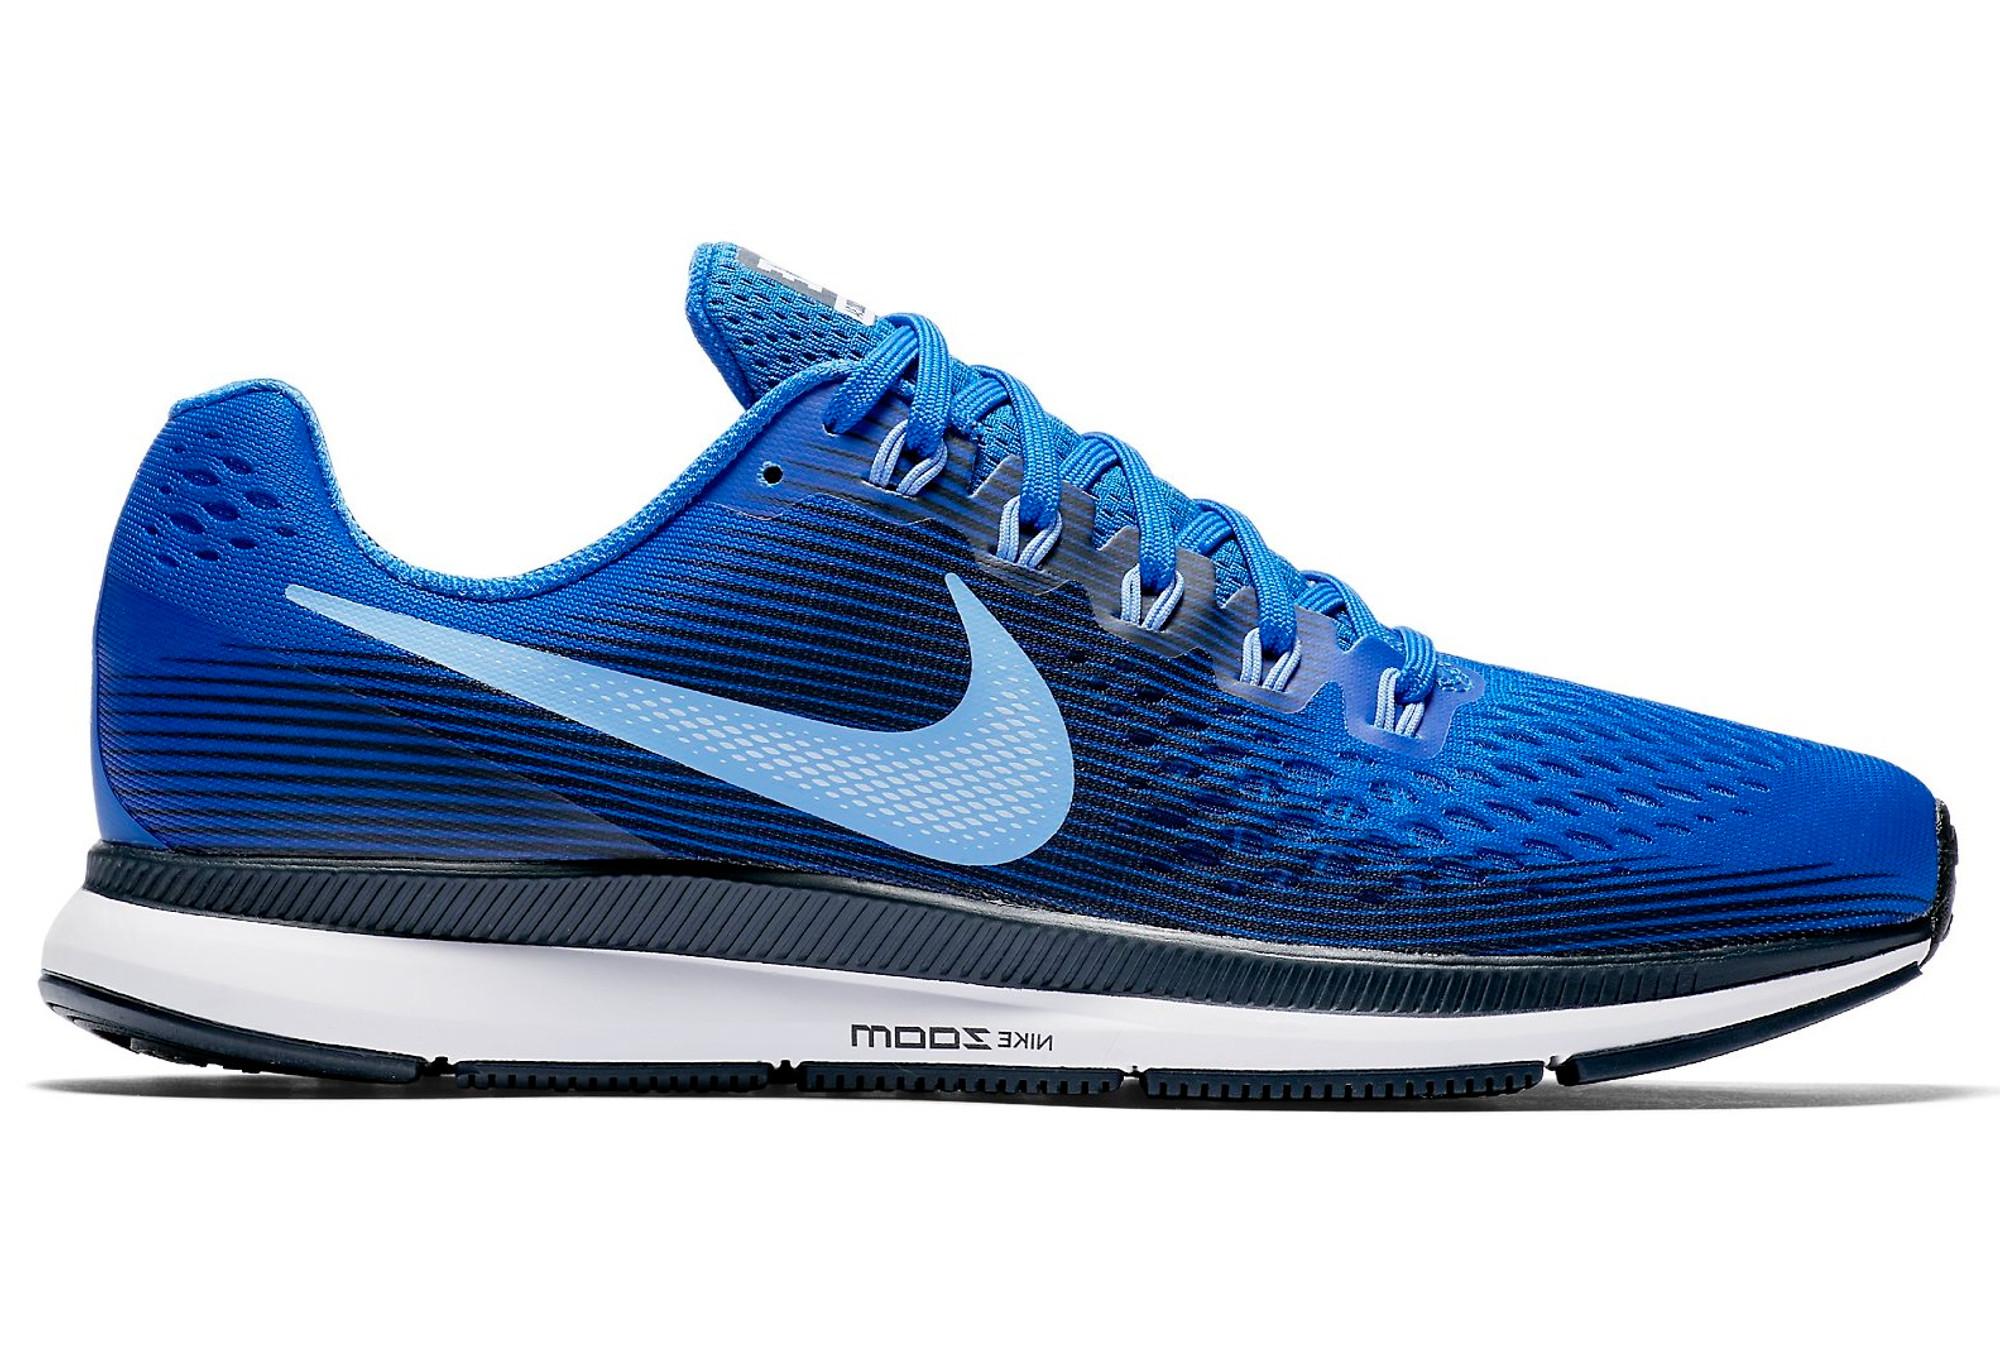 pretty nice c173a 16ac9 Chaussures de Running Nike Air Zoom Pegasus 34 Bleu   Blanc